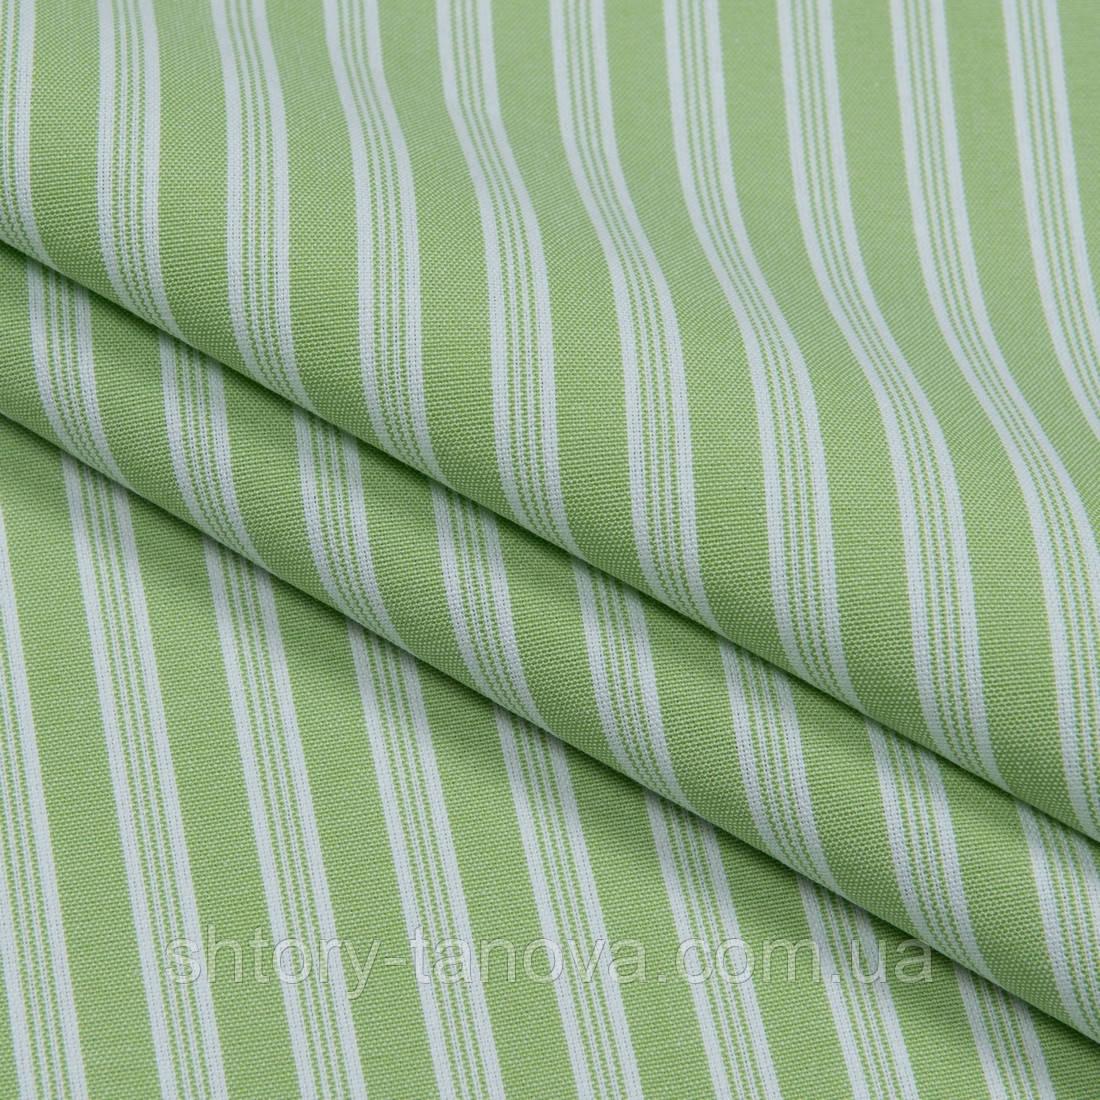 Декоративна тканина рустик смуга зелене яблуко